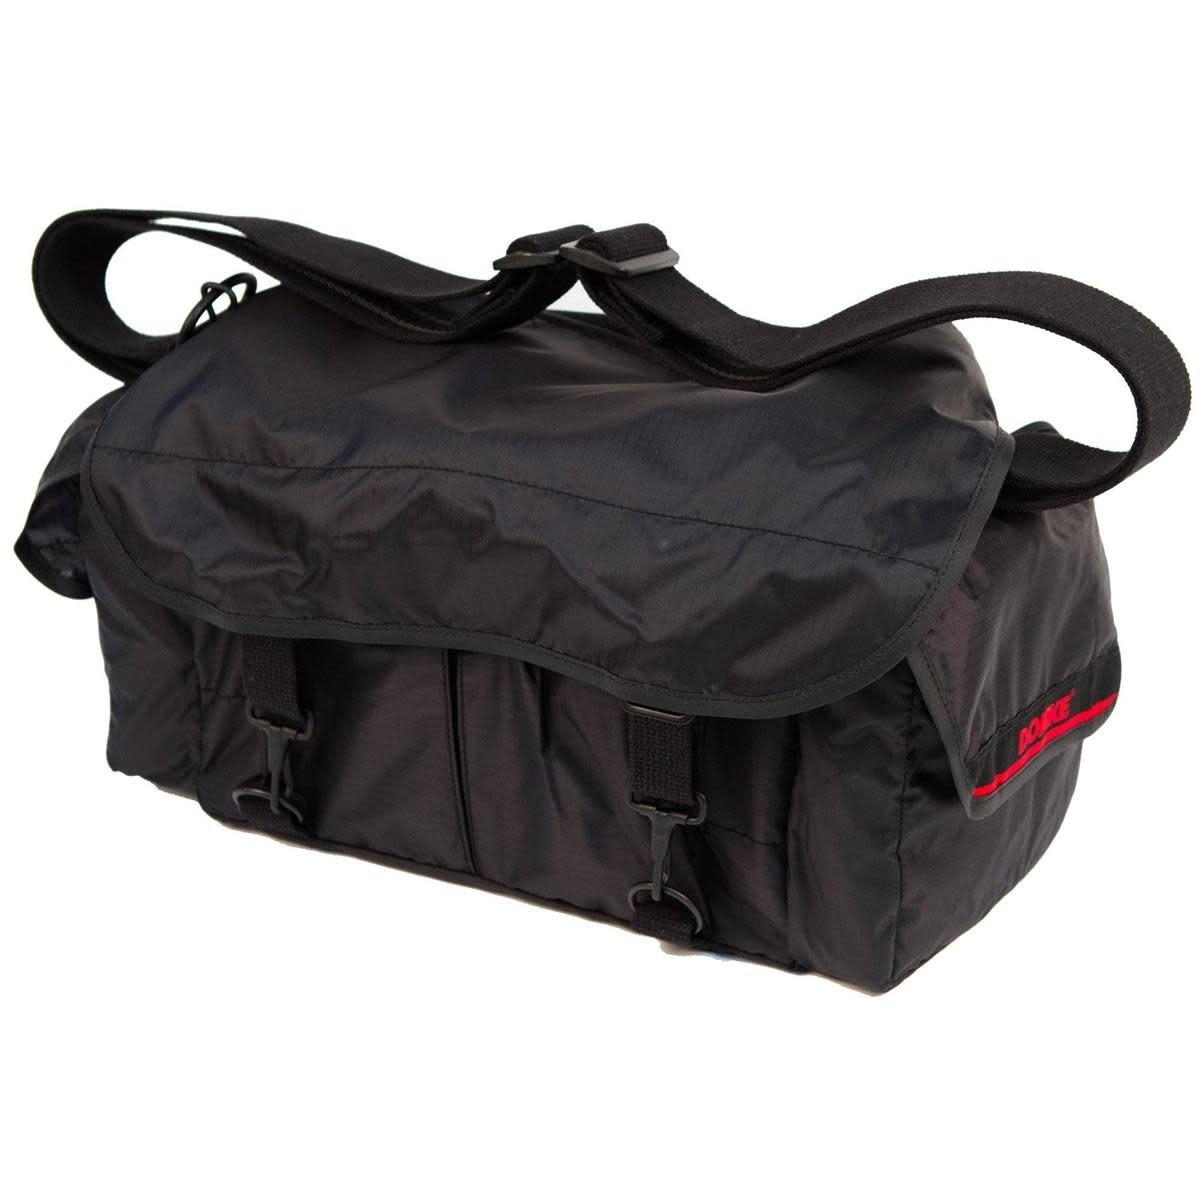 Domke Domke F-2 Original Shoulder Bag Limited Edition Ripstop Nylon (Black)